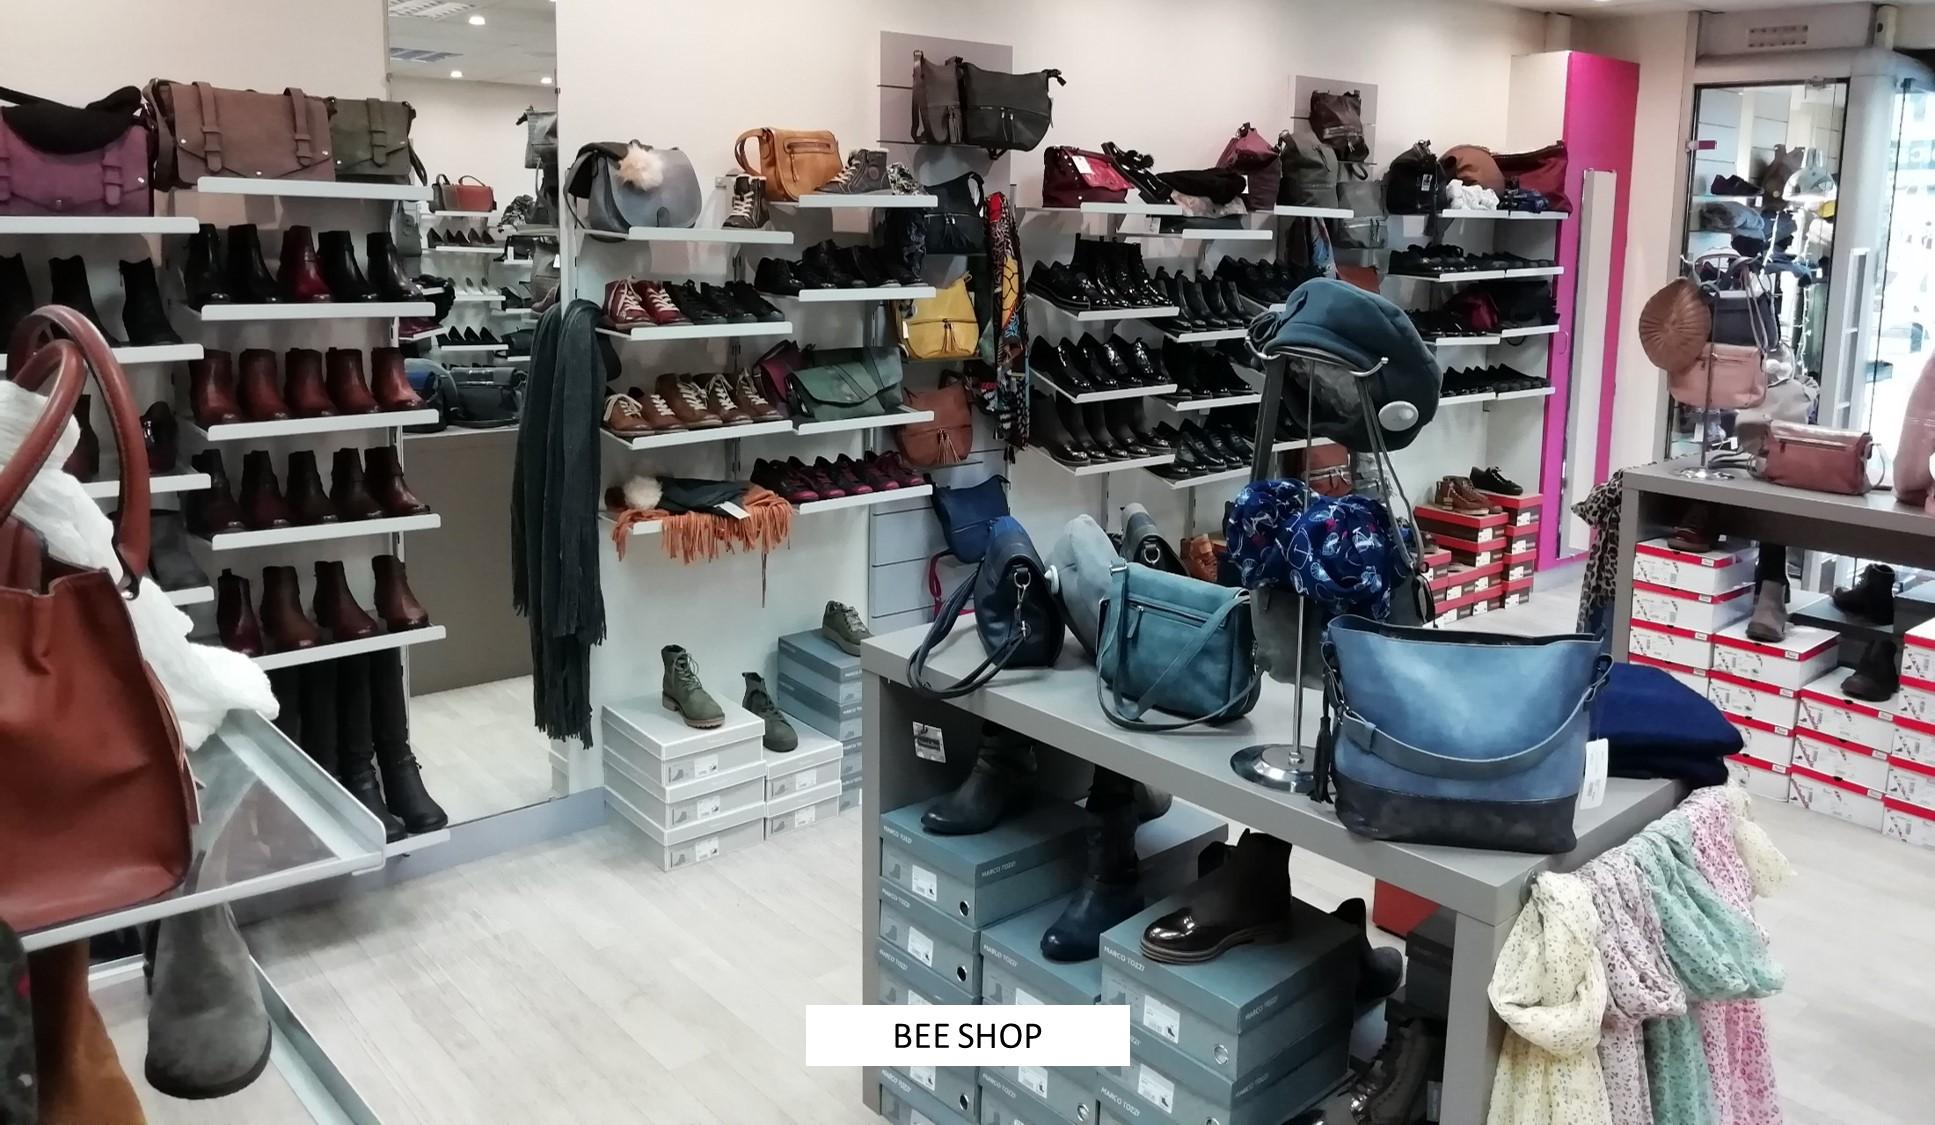 e157aa4ea0d BEE SHOP SHOES. Chaussures Hommes Femmes Enfants. Prêt à porter ...